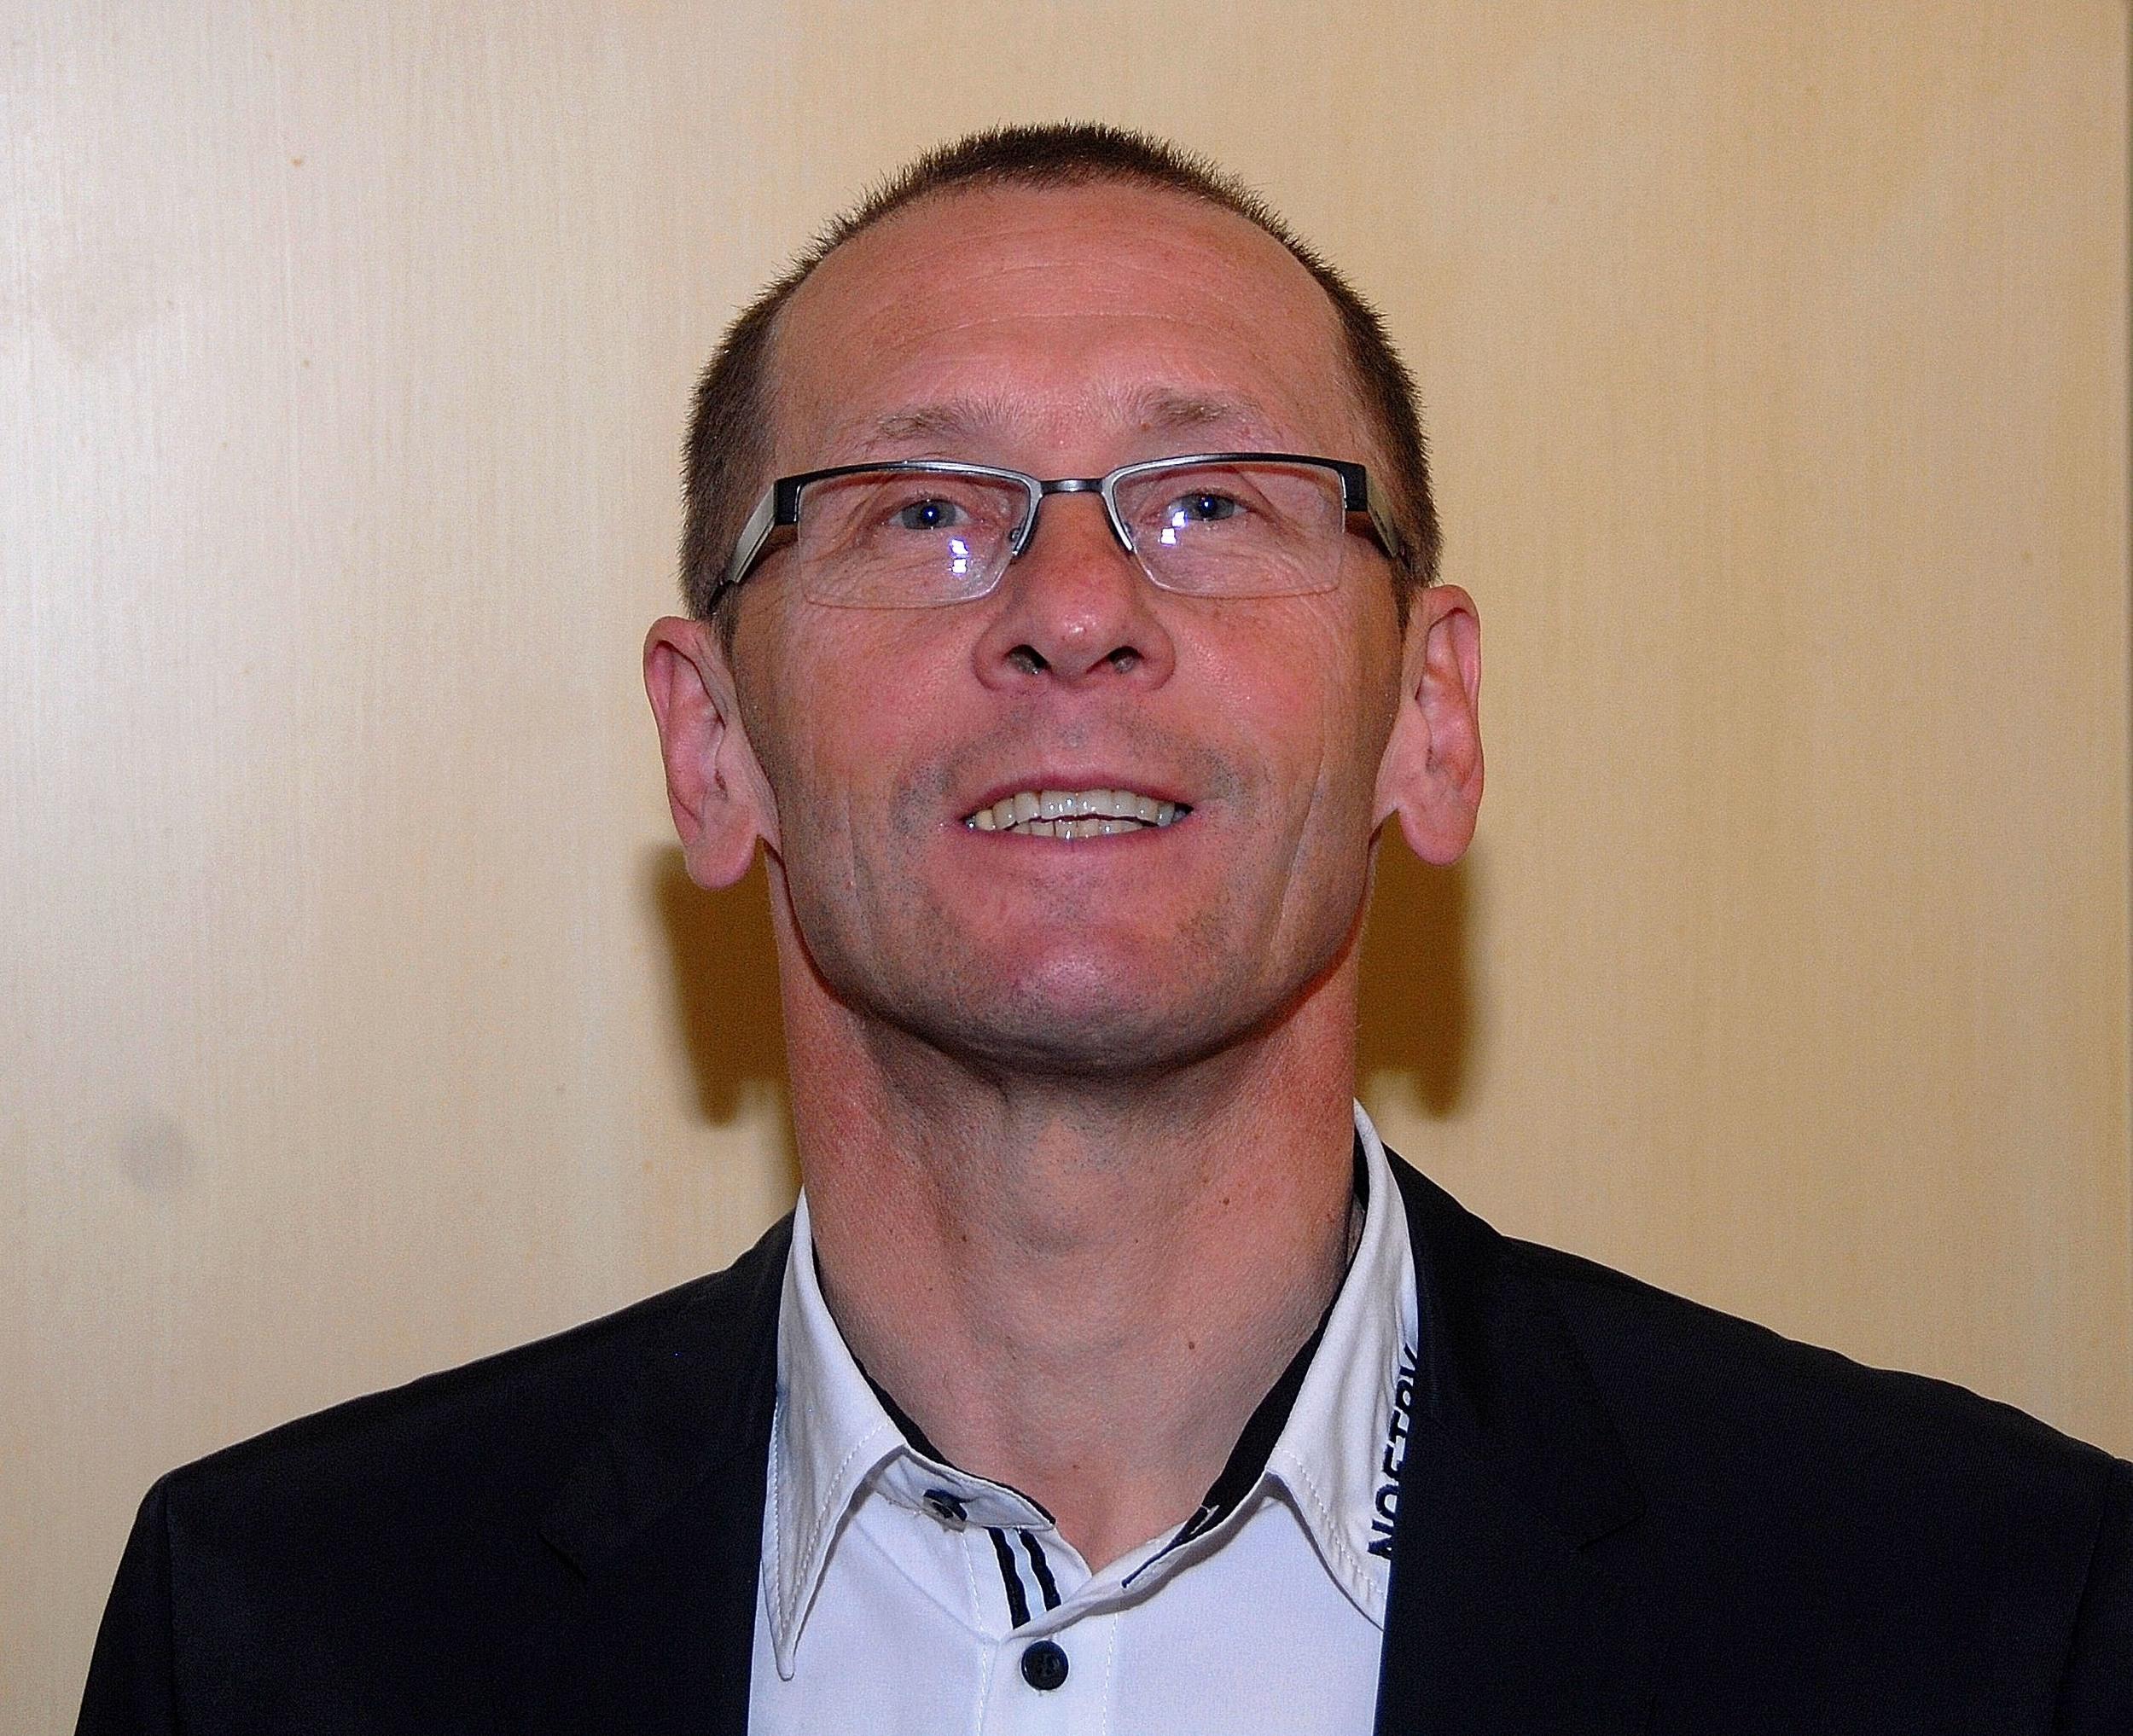 Helmut-Hochauer